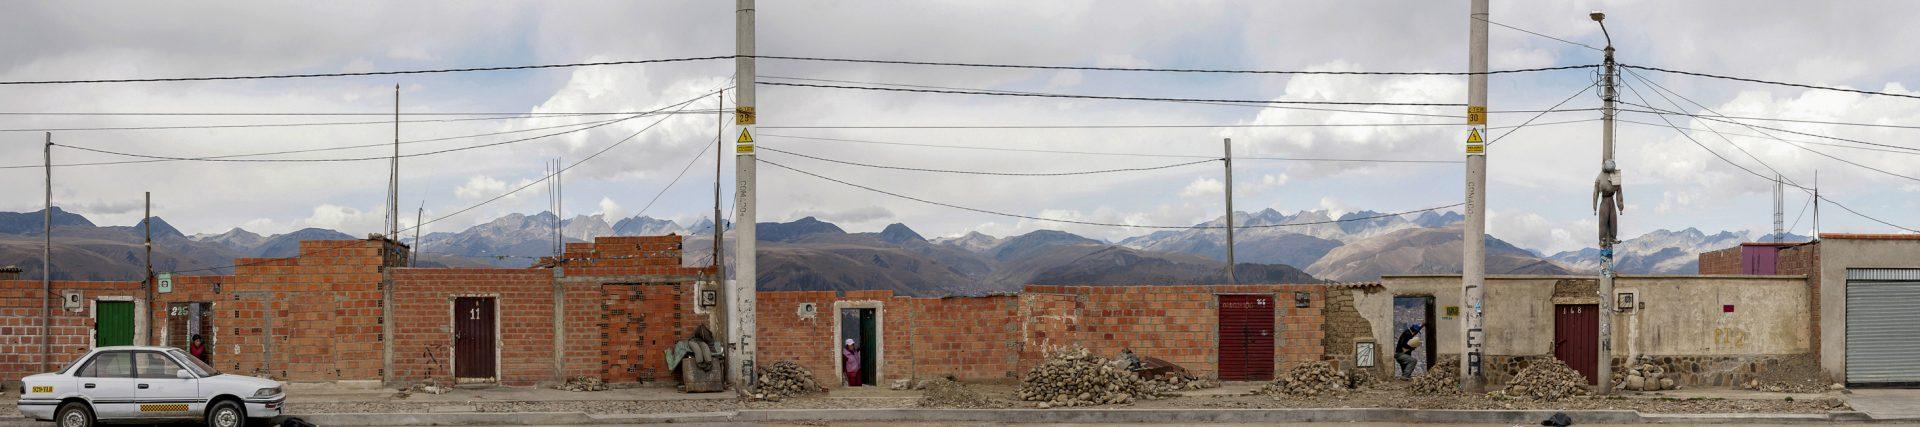 bolivia contemporanea